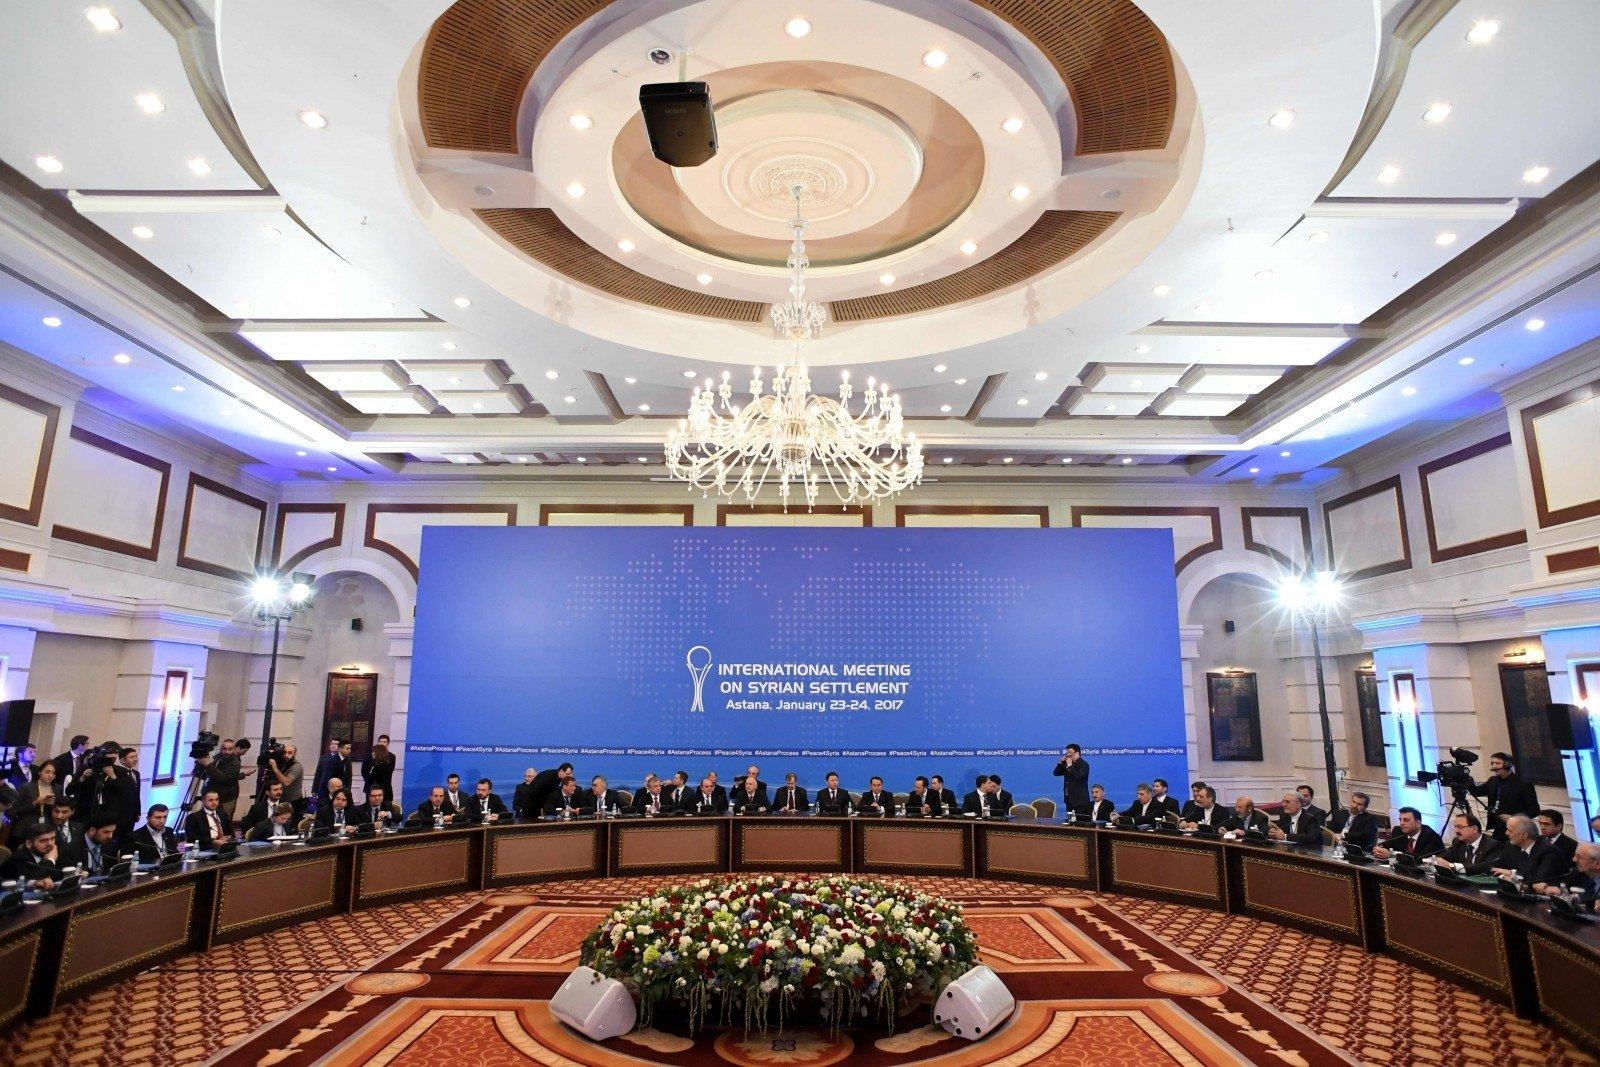 ВАстане начались переговоры посирийскому урегулированию